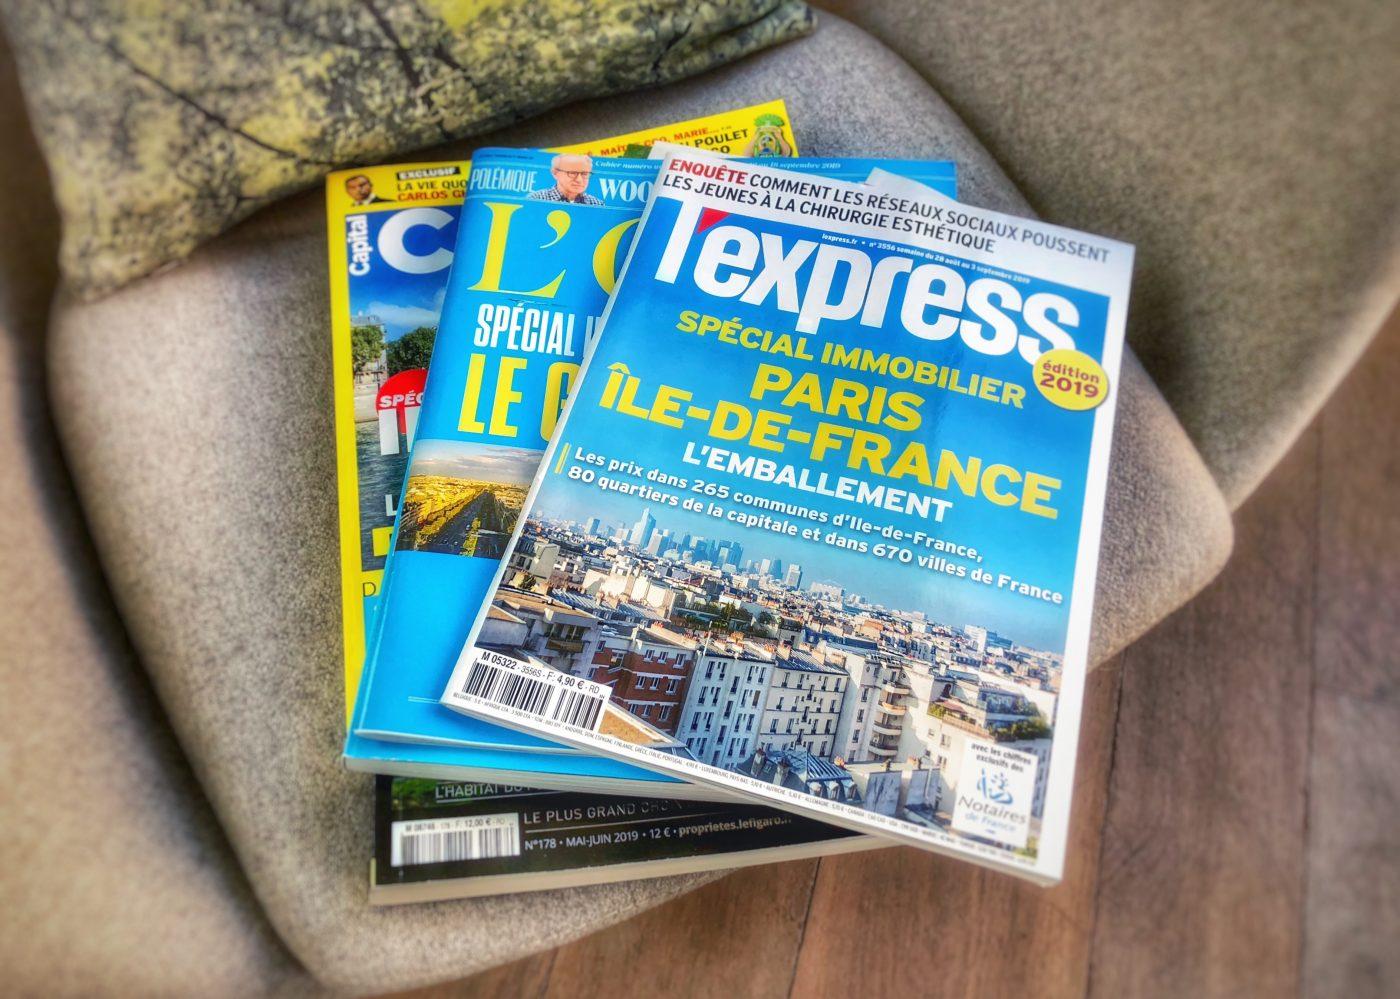 immobilier achat vente transaction estimation Colombes Asnieres Courbevoie Bois-Colombes La Garenne